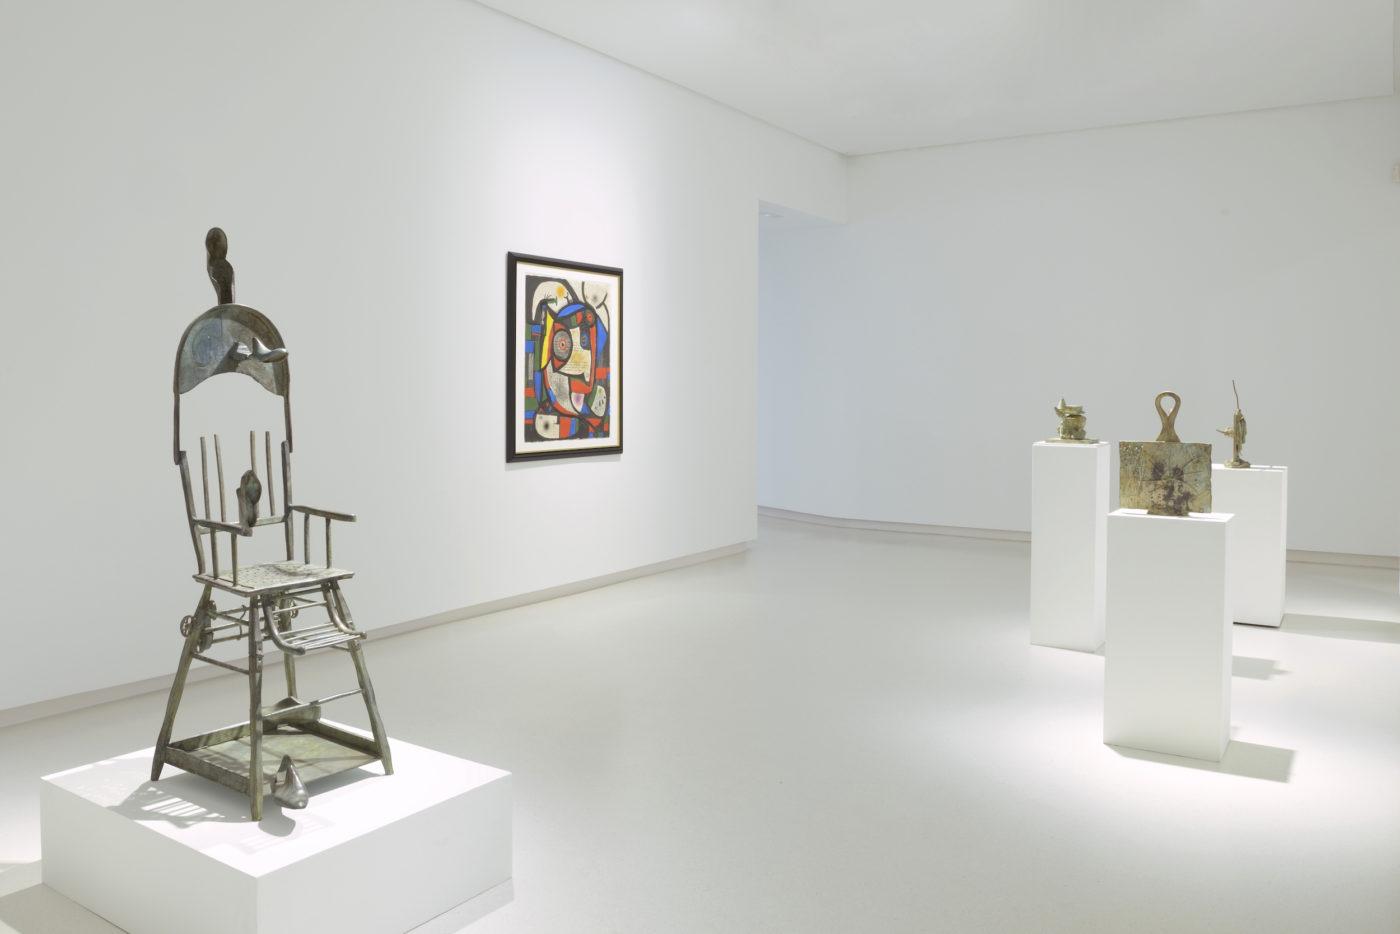 Vistas de la exposición Joan Miró, 2017 Galería Elvira González